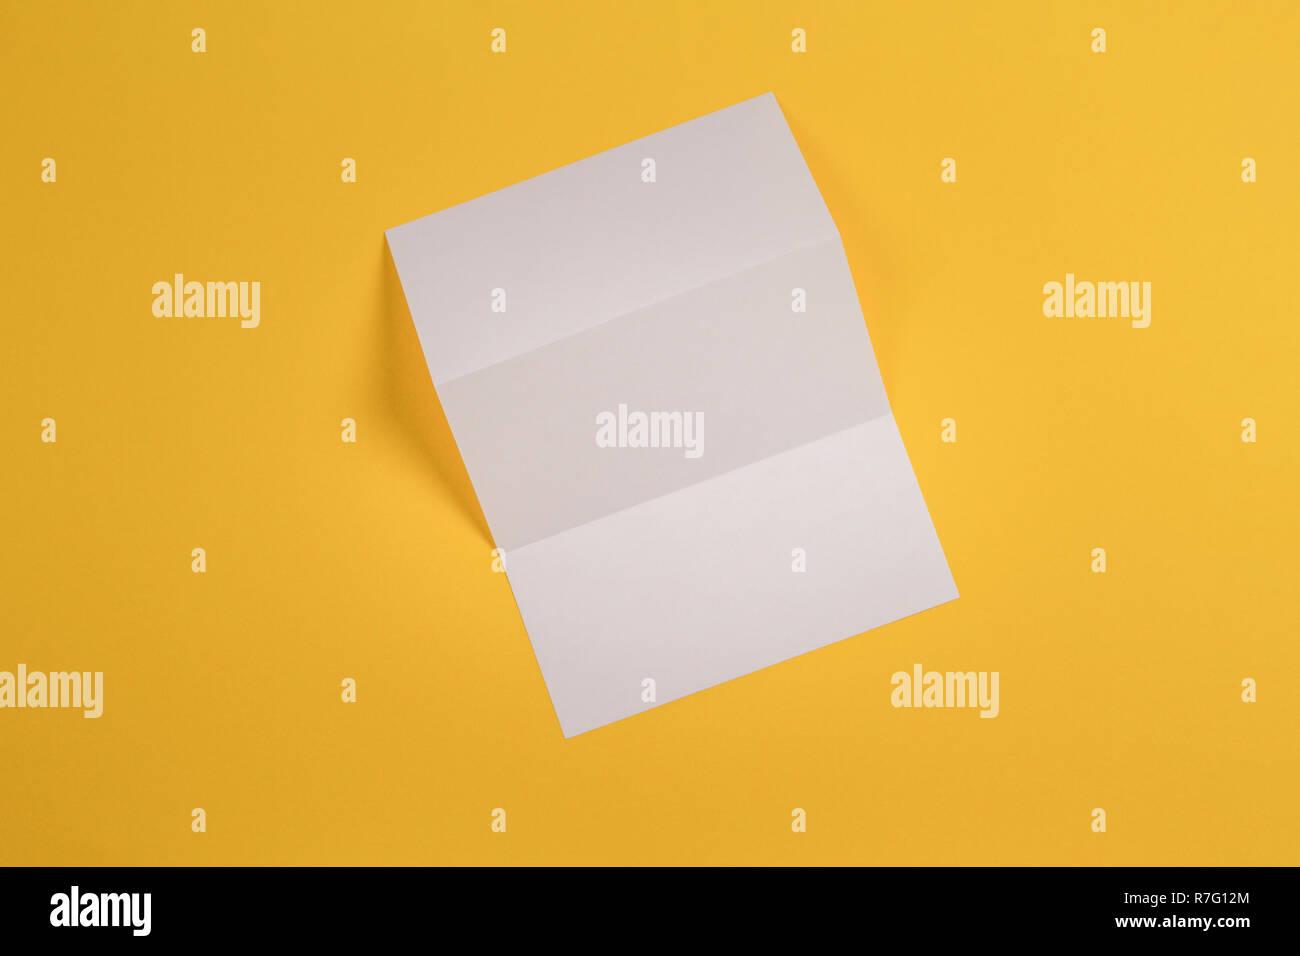 Boceto del folleto plegado triple blanco folleto sobre fondo amarillo Foto de stock